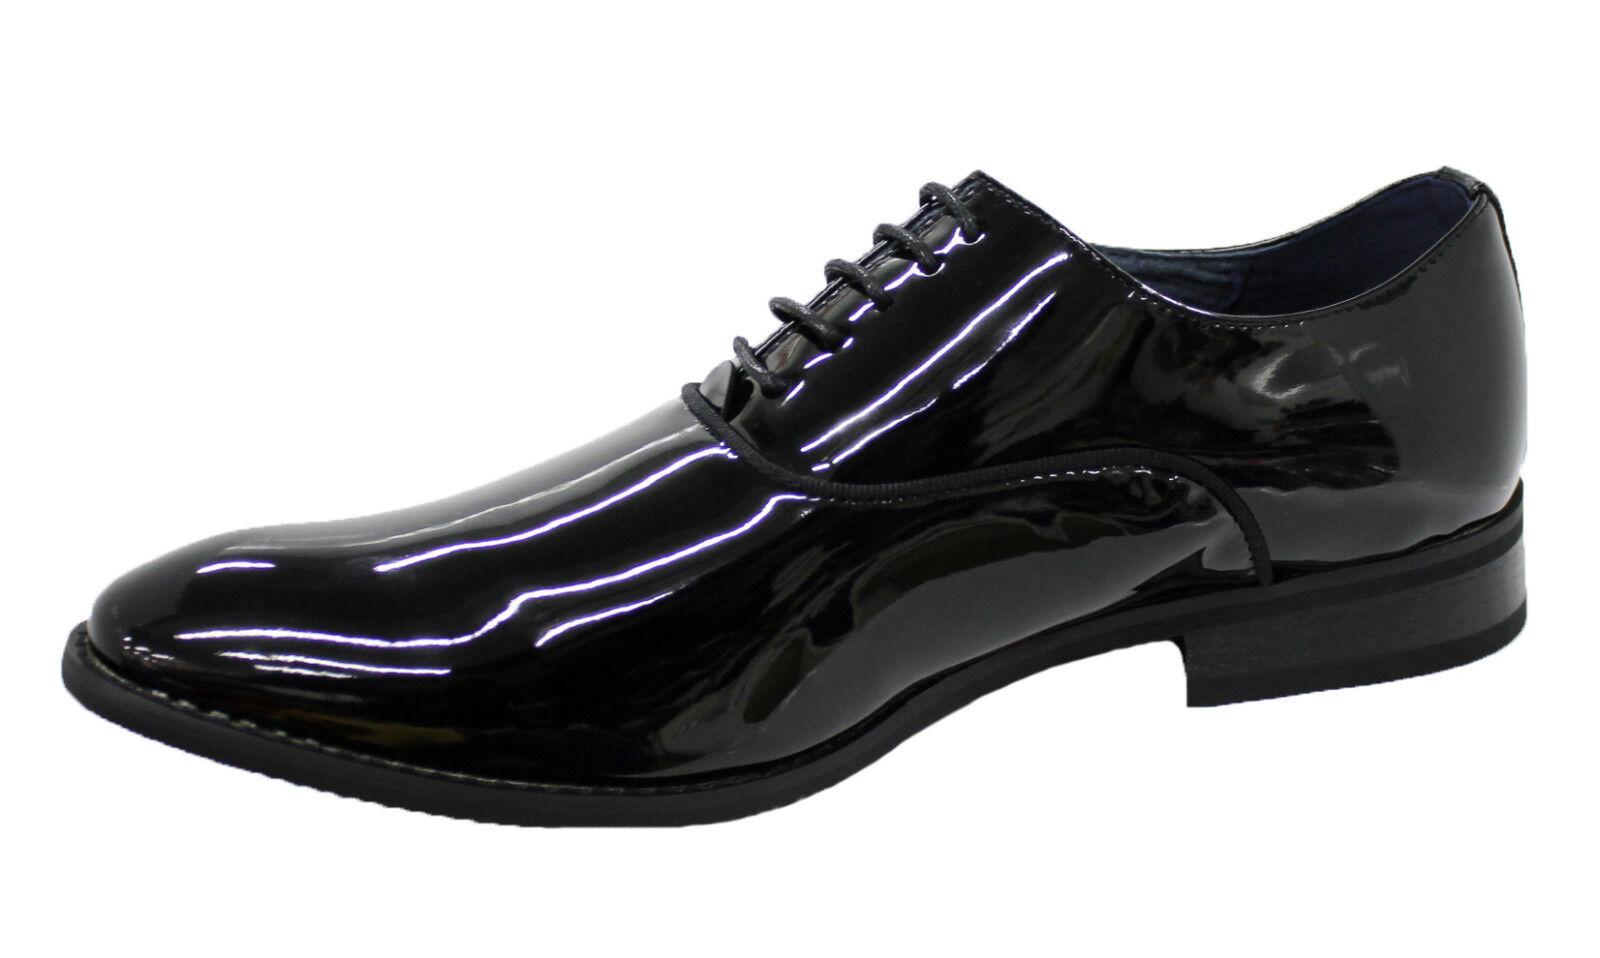 shoes men DIAMOND black LUCIDO VERNICE ELEGANTI TOP CLASS CERIMONIA da 40 a 45